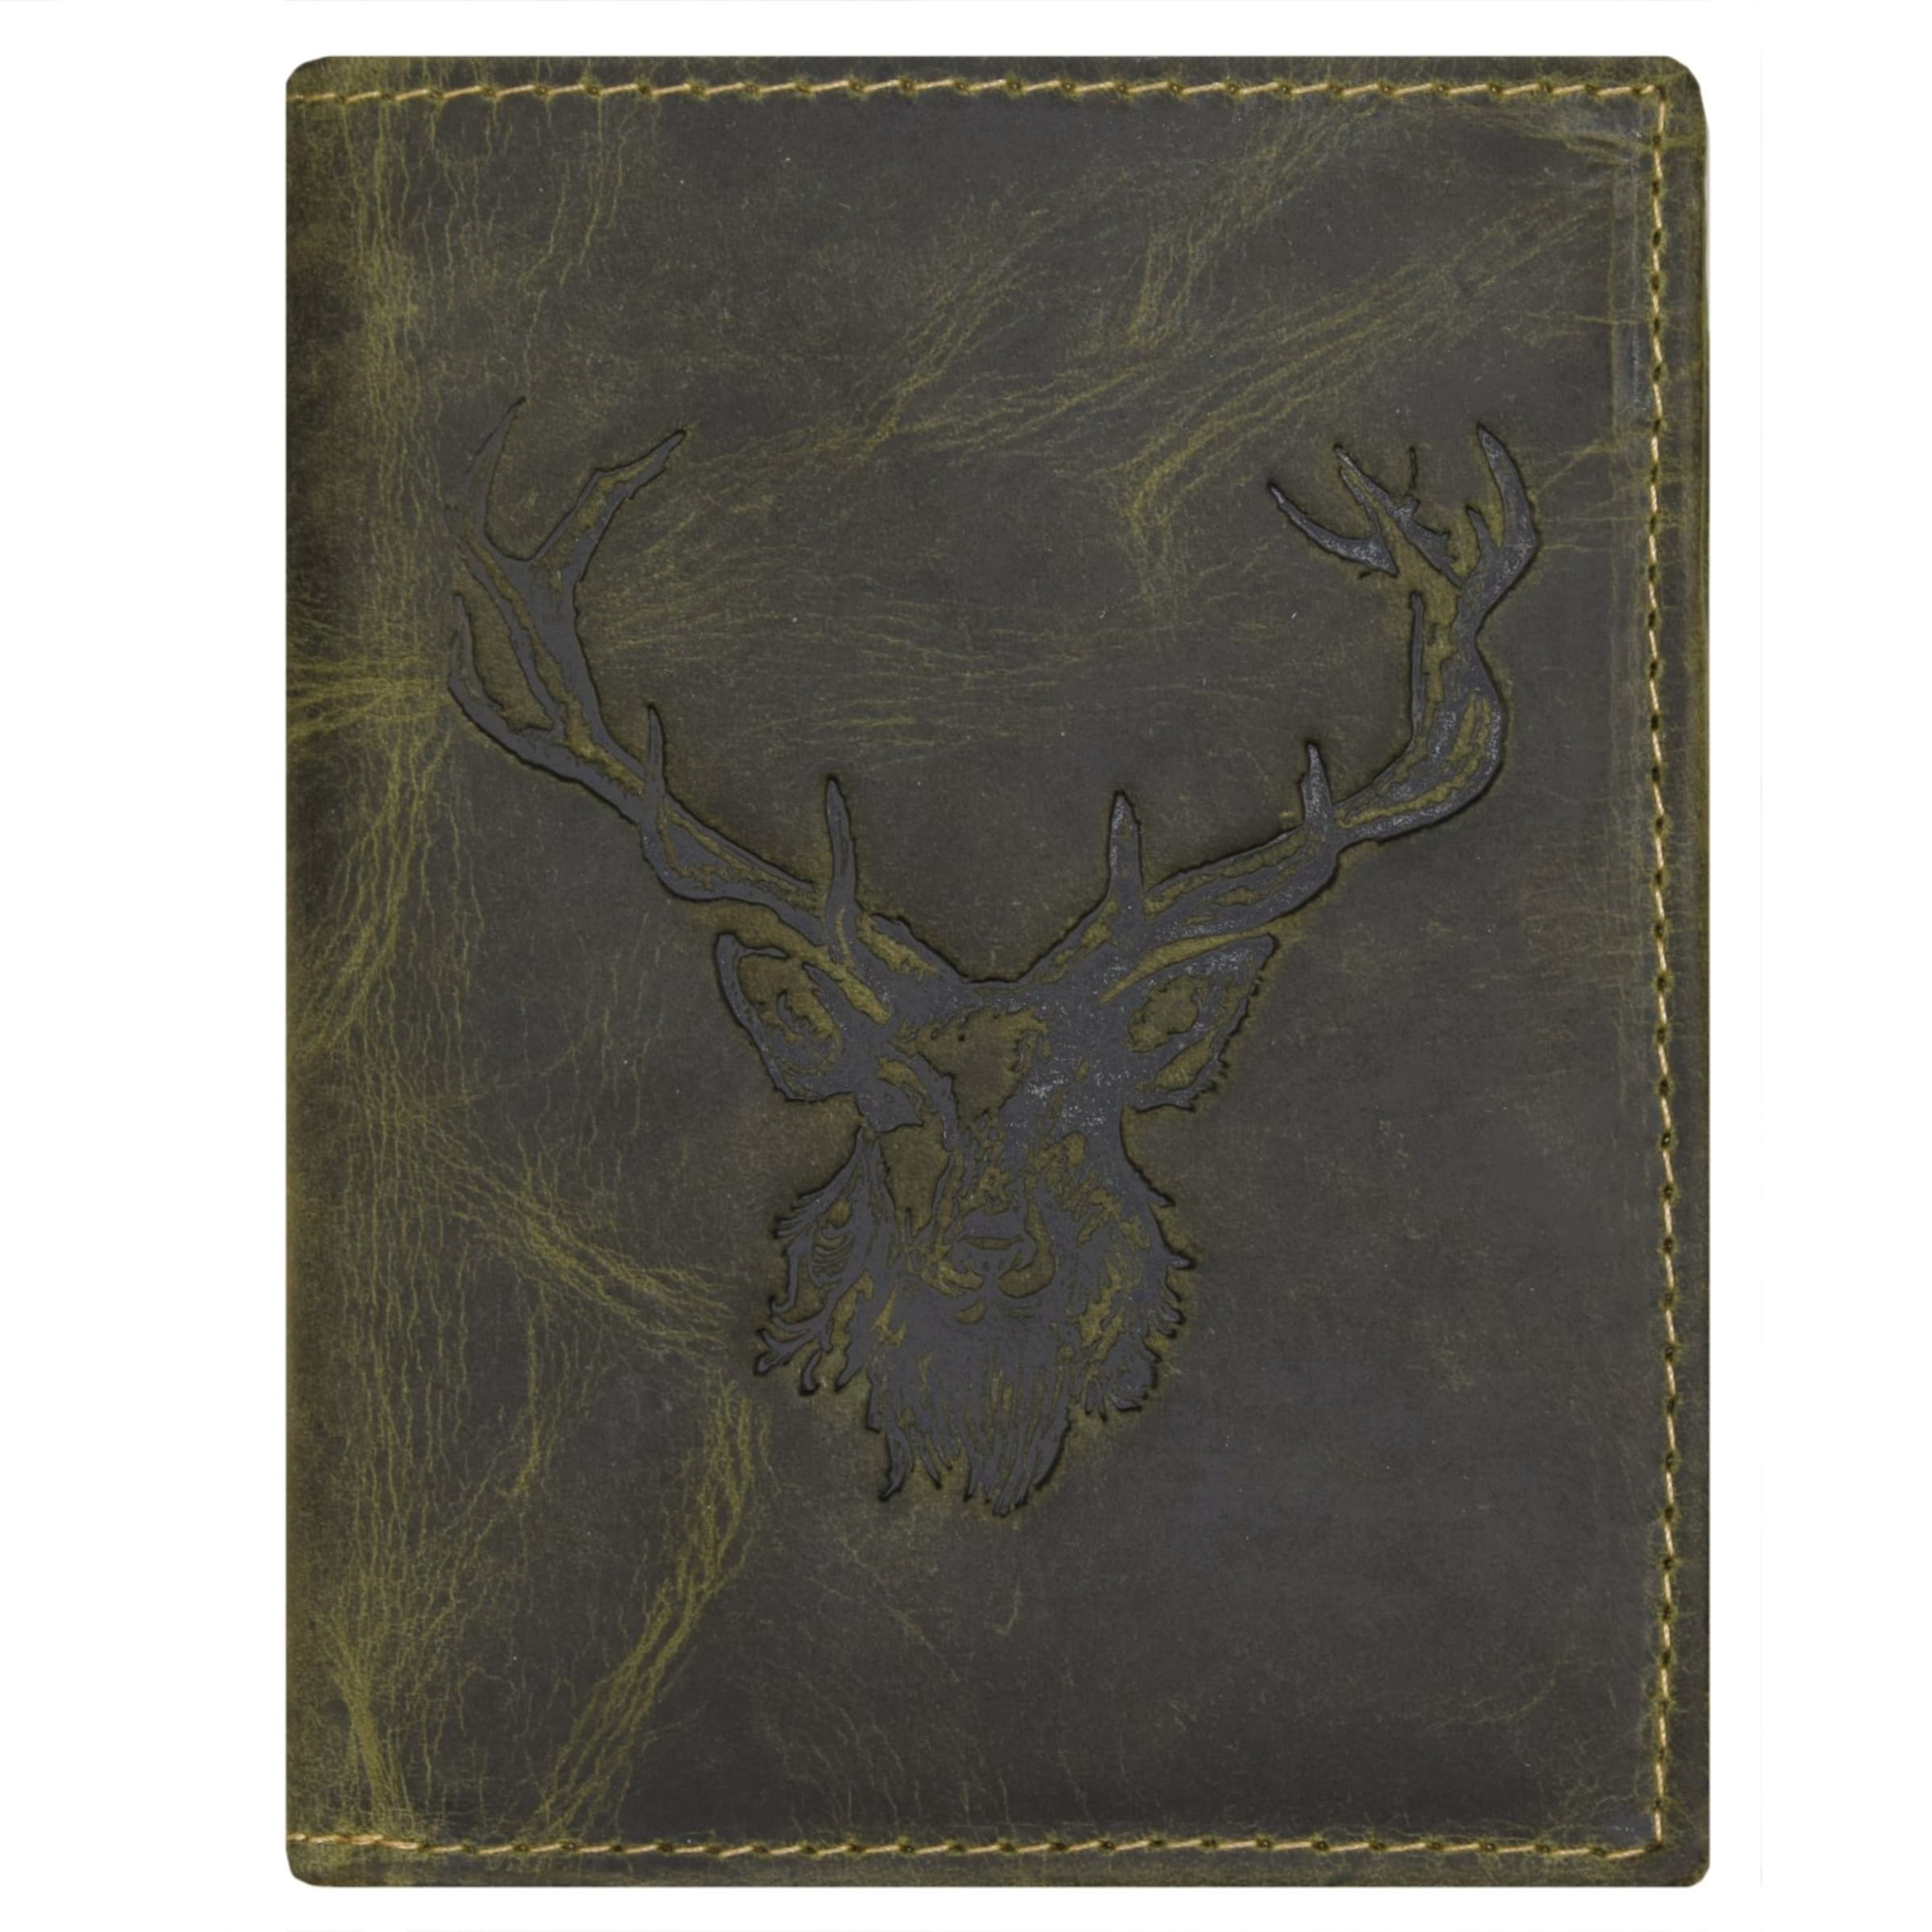 Herren GREENBURRY Geldbörse 'Vintage' grün, schwarz | 04047546970127